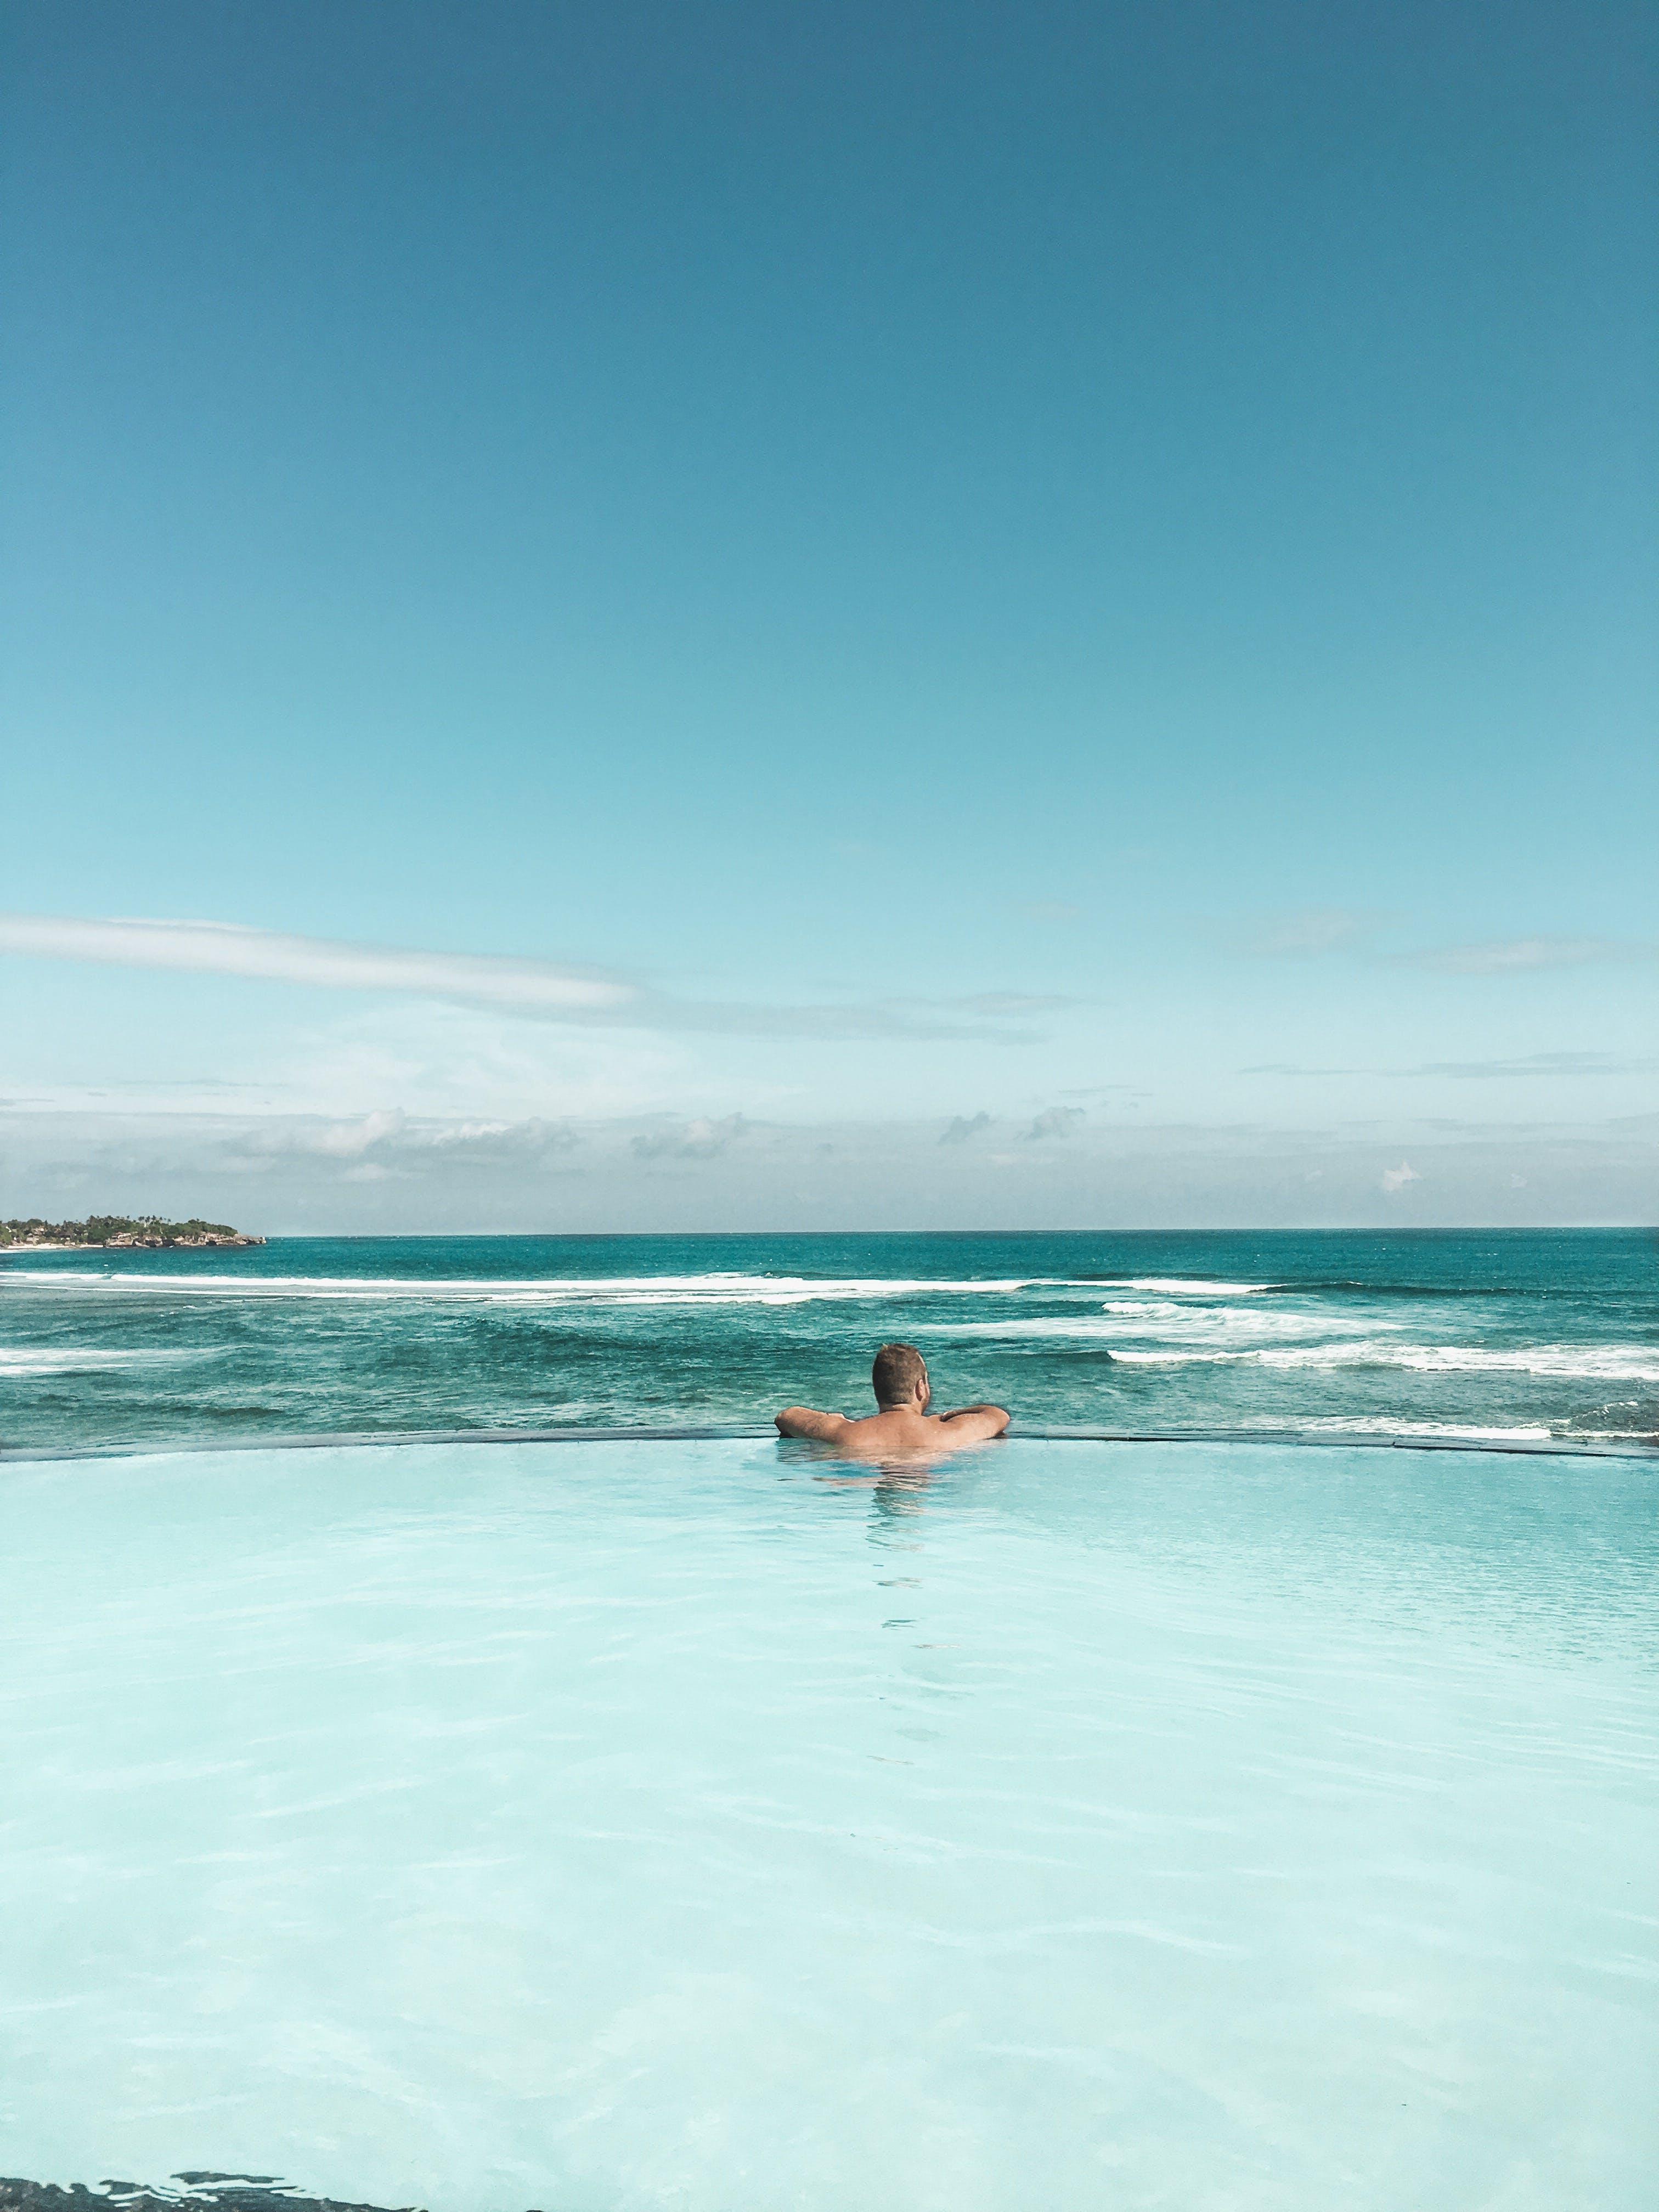 Kostenloses Stock Foto zu baden, draußen, entspannung, erholung